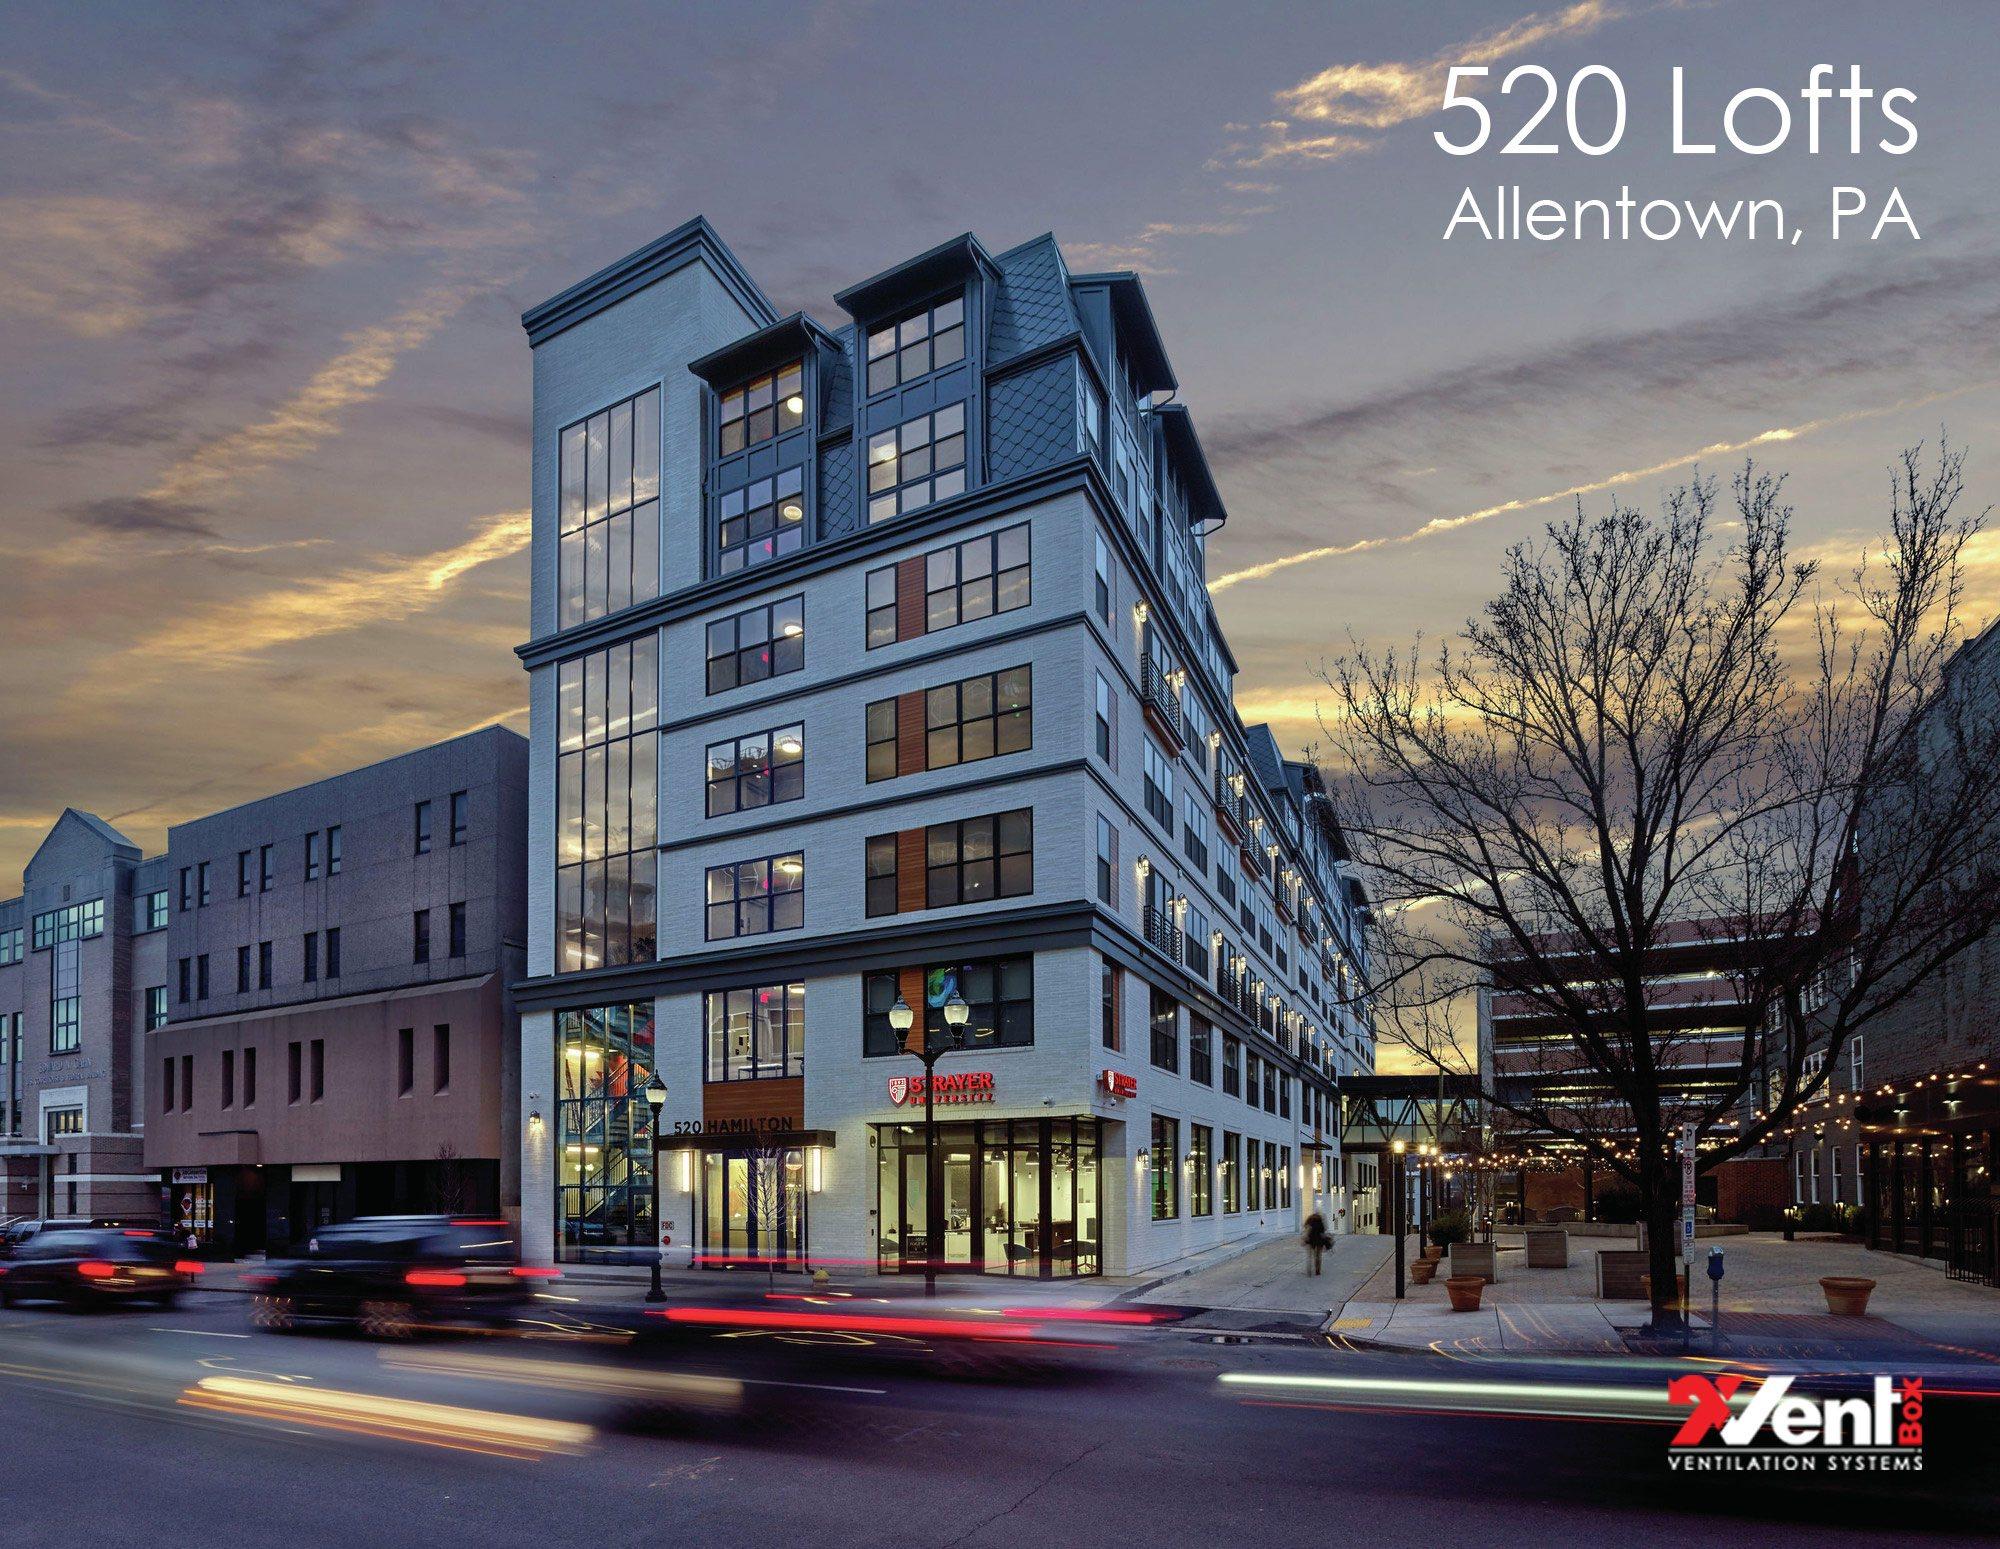 520 Lofts